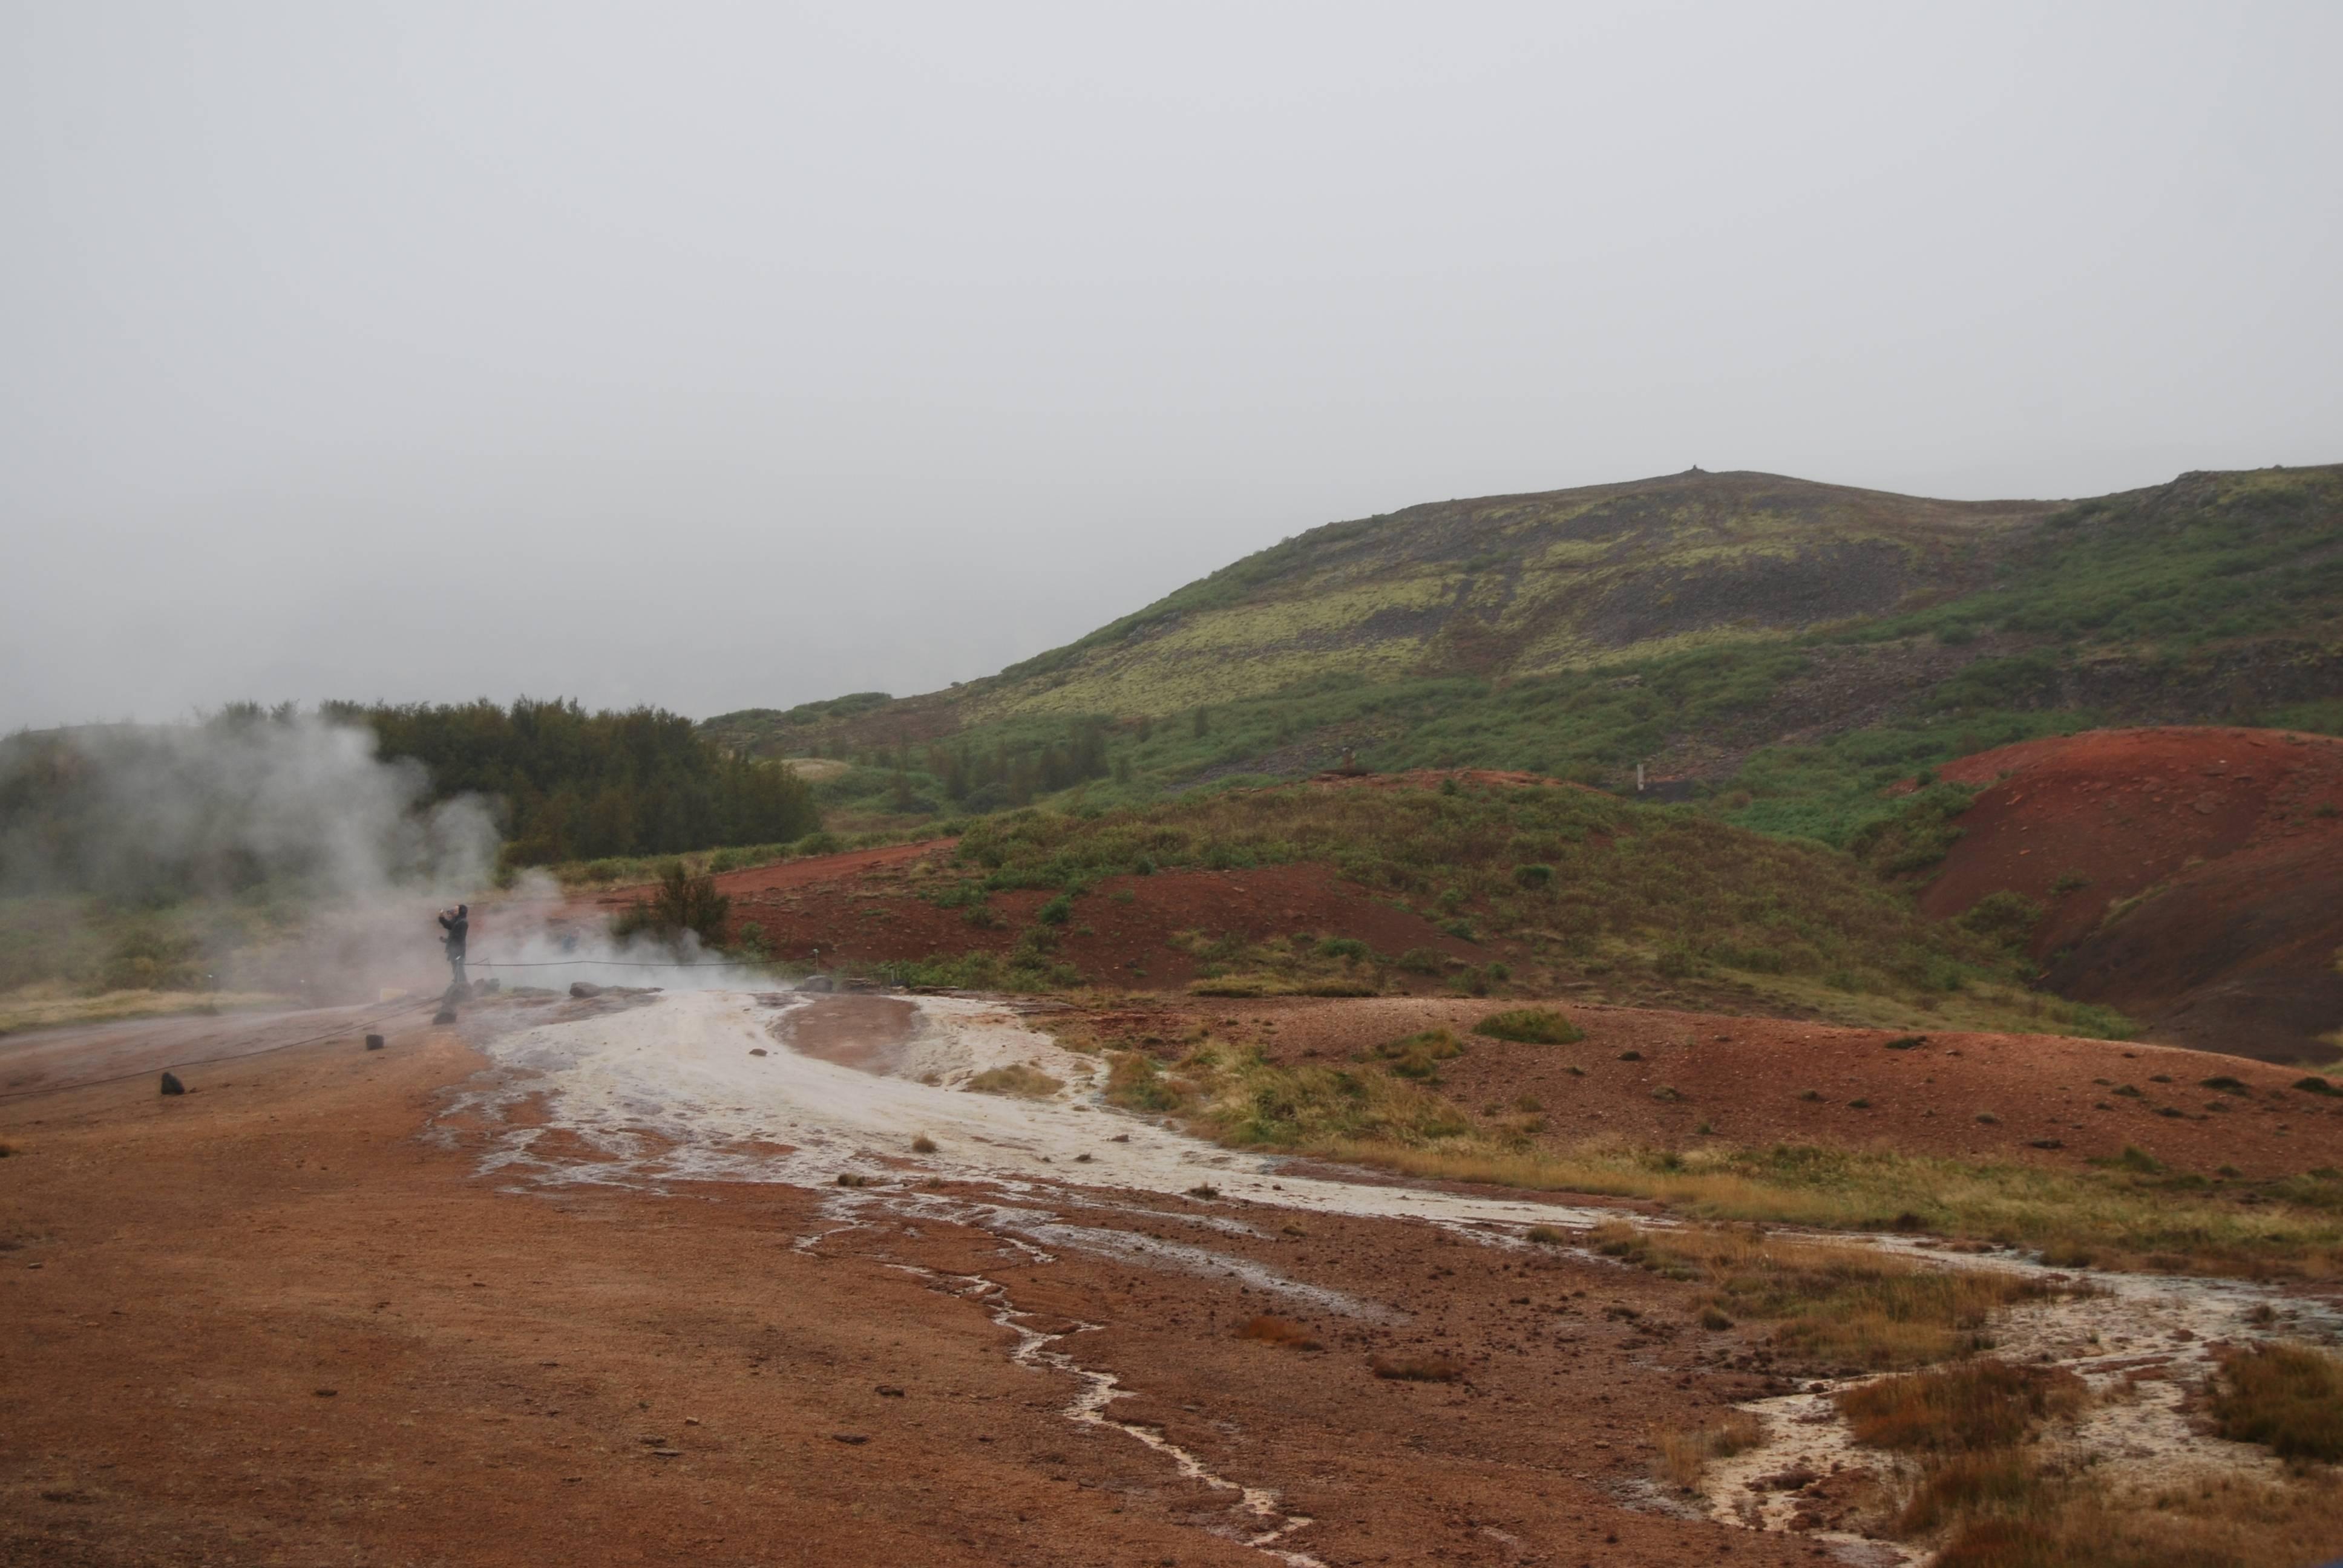 Photo 3: Geysir et ses geysers